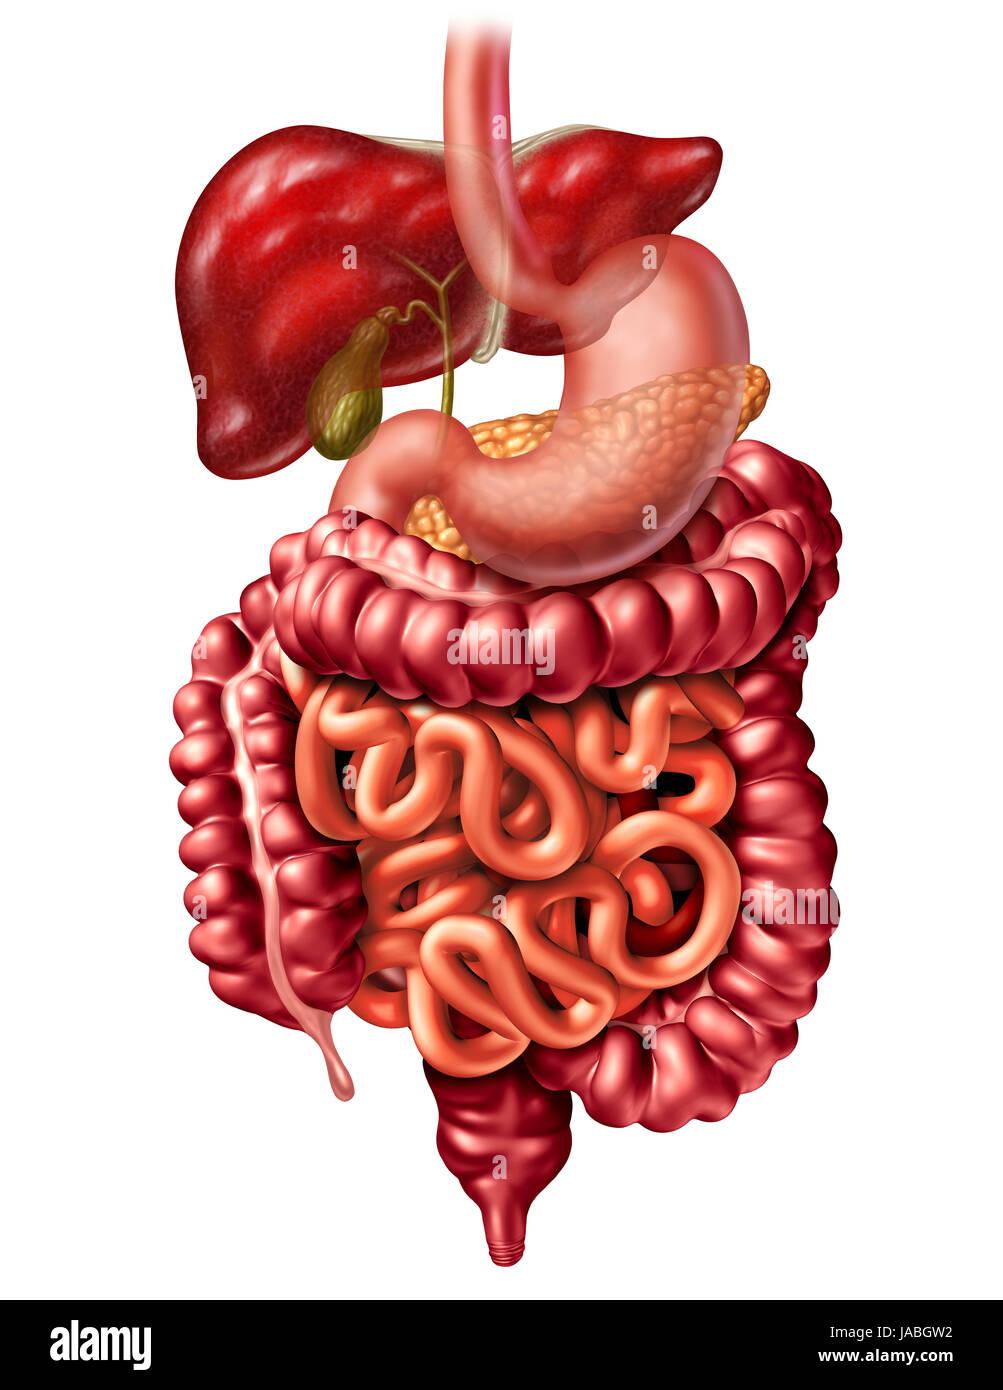 Menschliche Verdauungssystem Anatomie Konzept als Leber ...